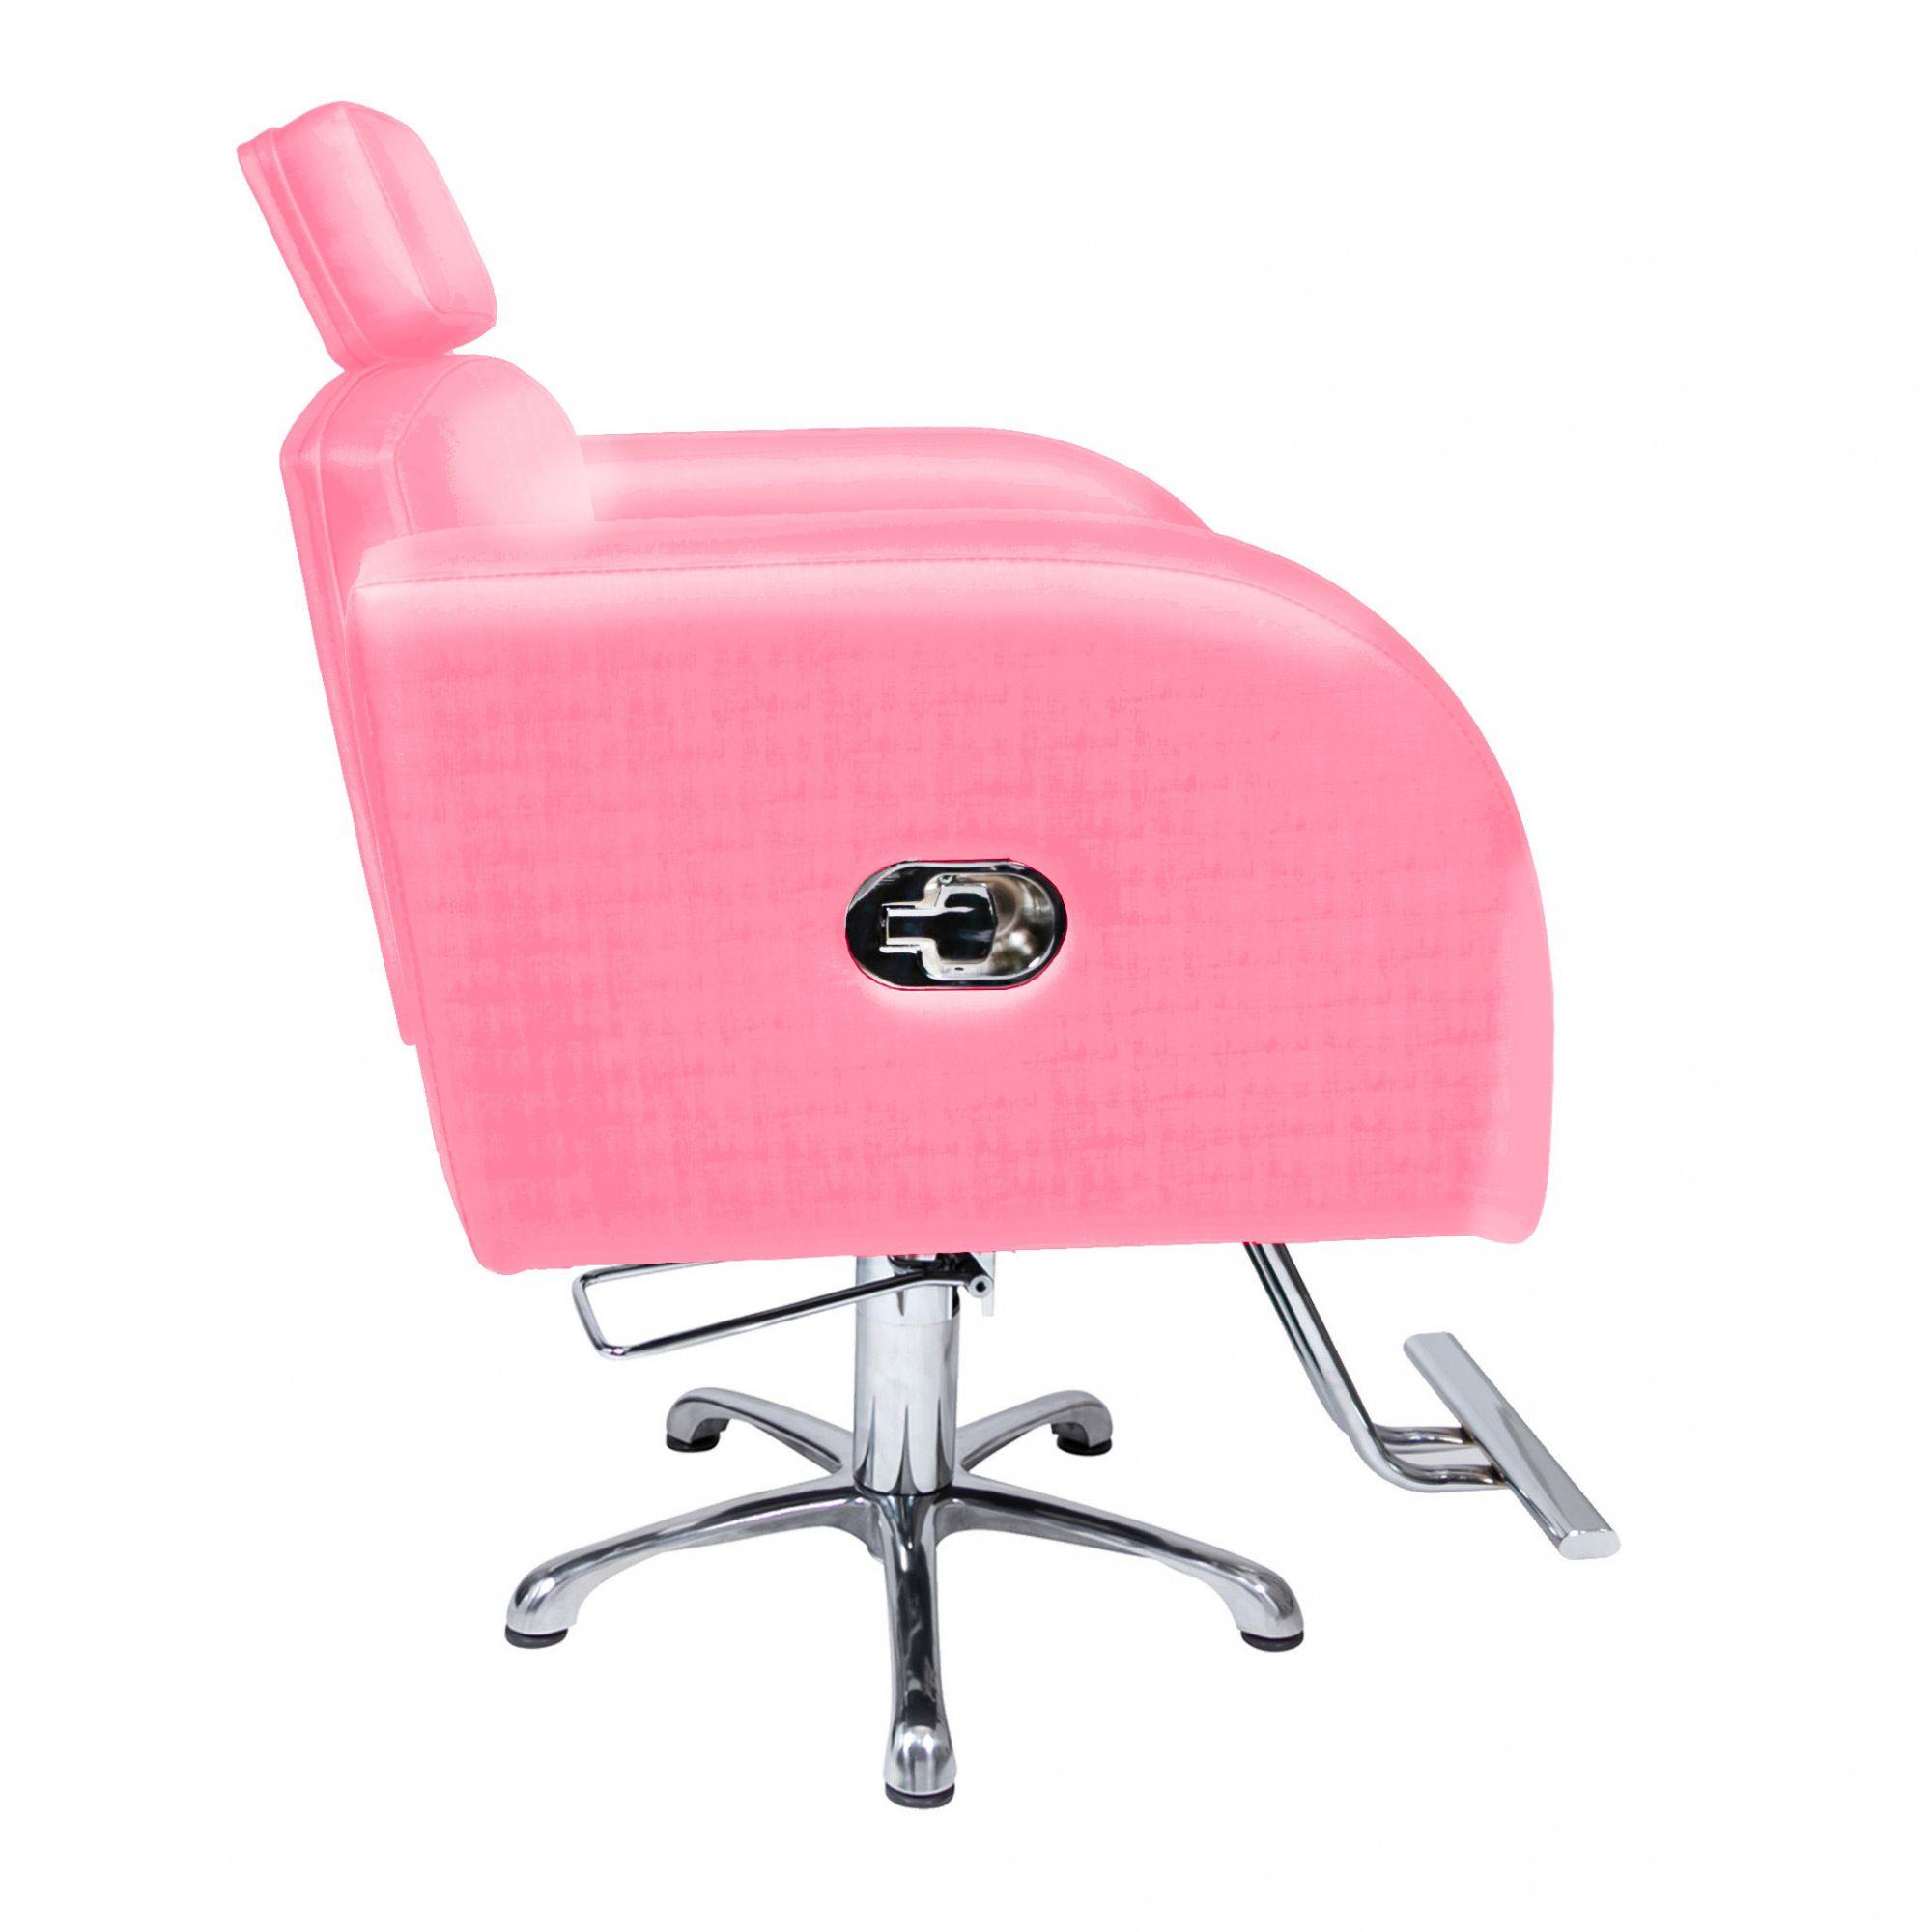 Poltrona Cadeira Hidráulica Destak Reclinável Para Salão Rosa Factor